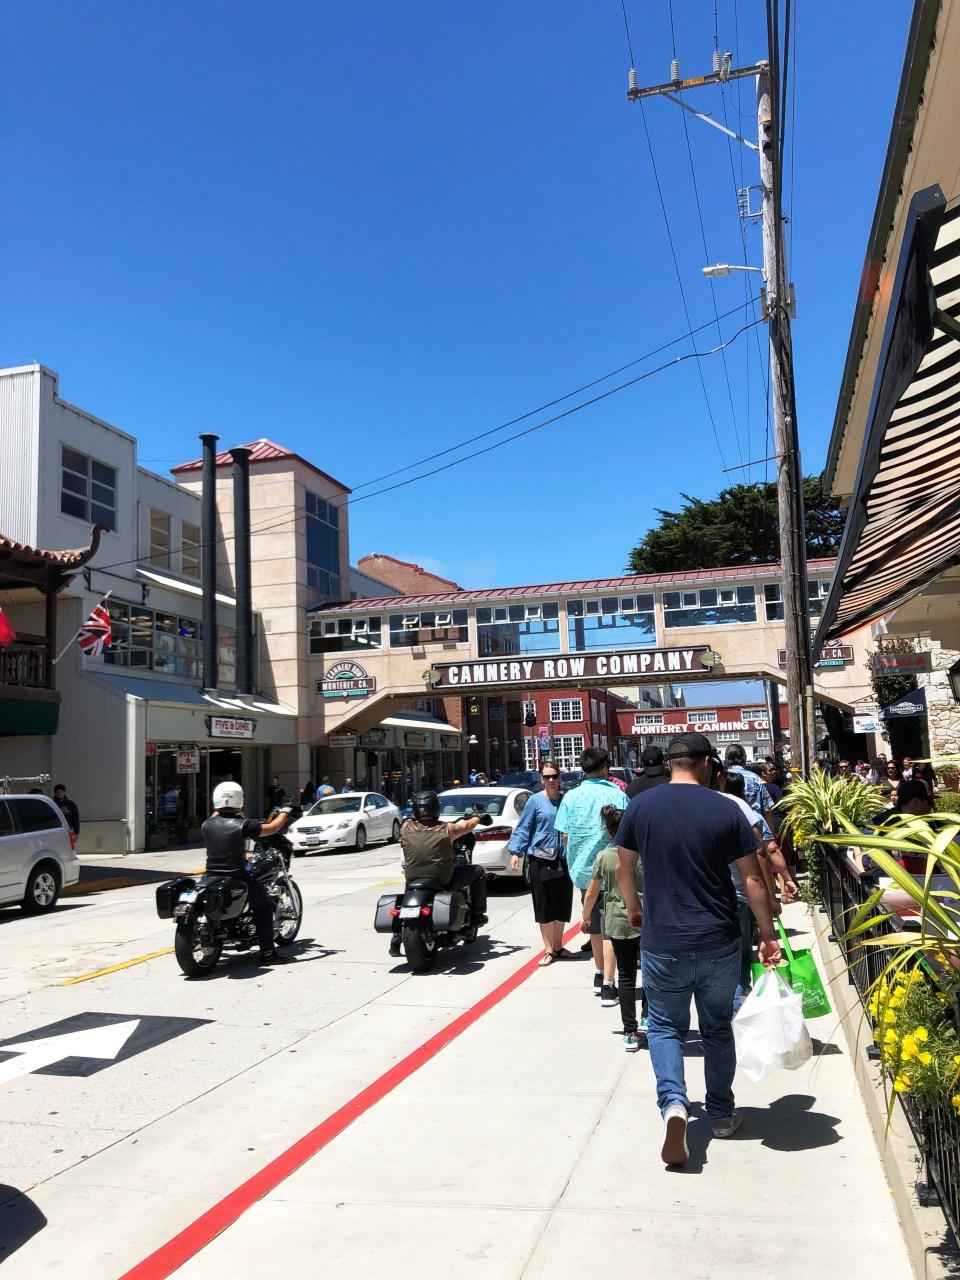 Monterey 14